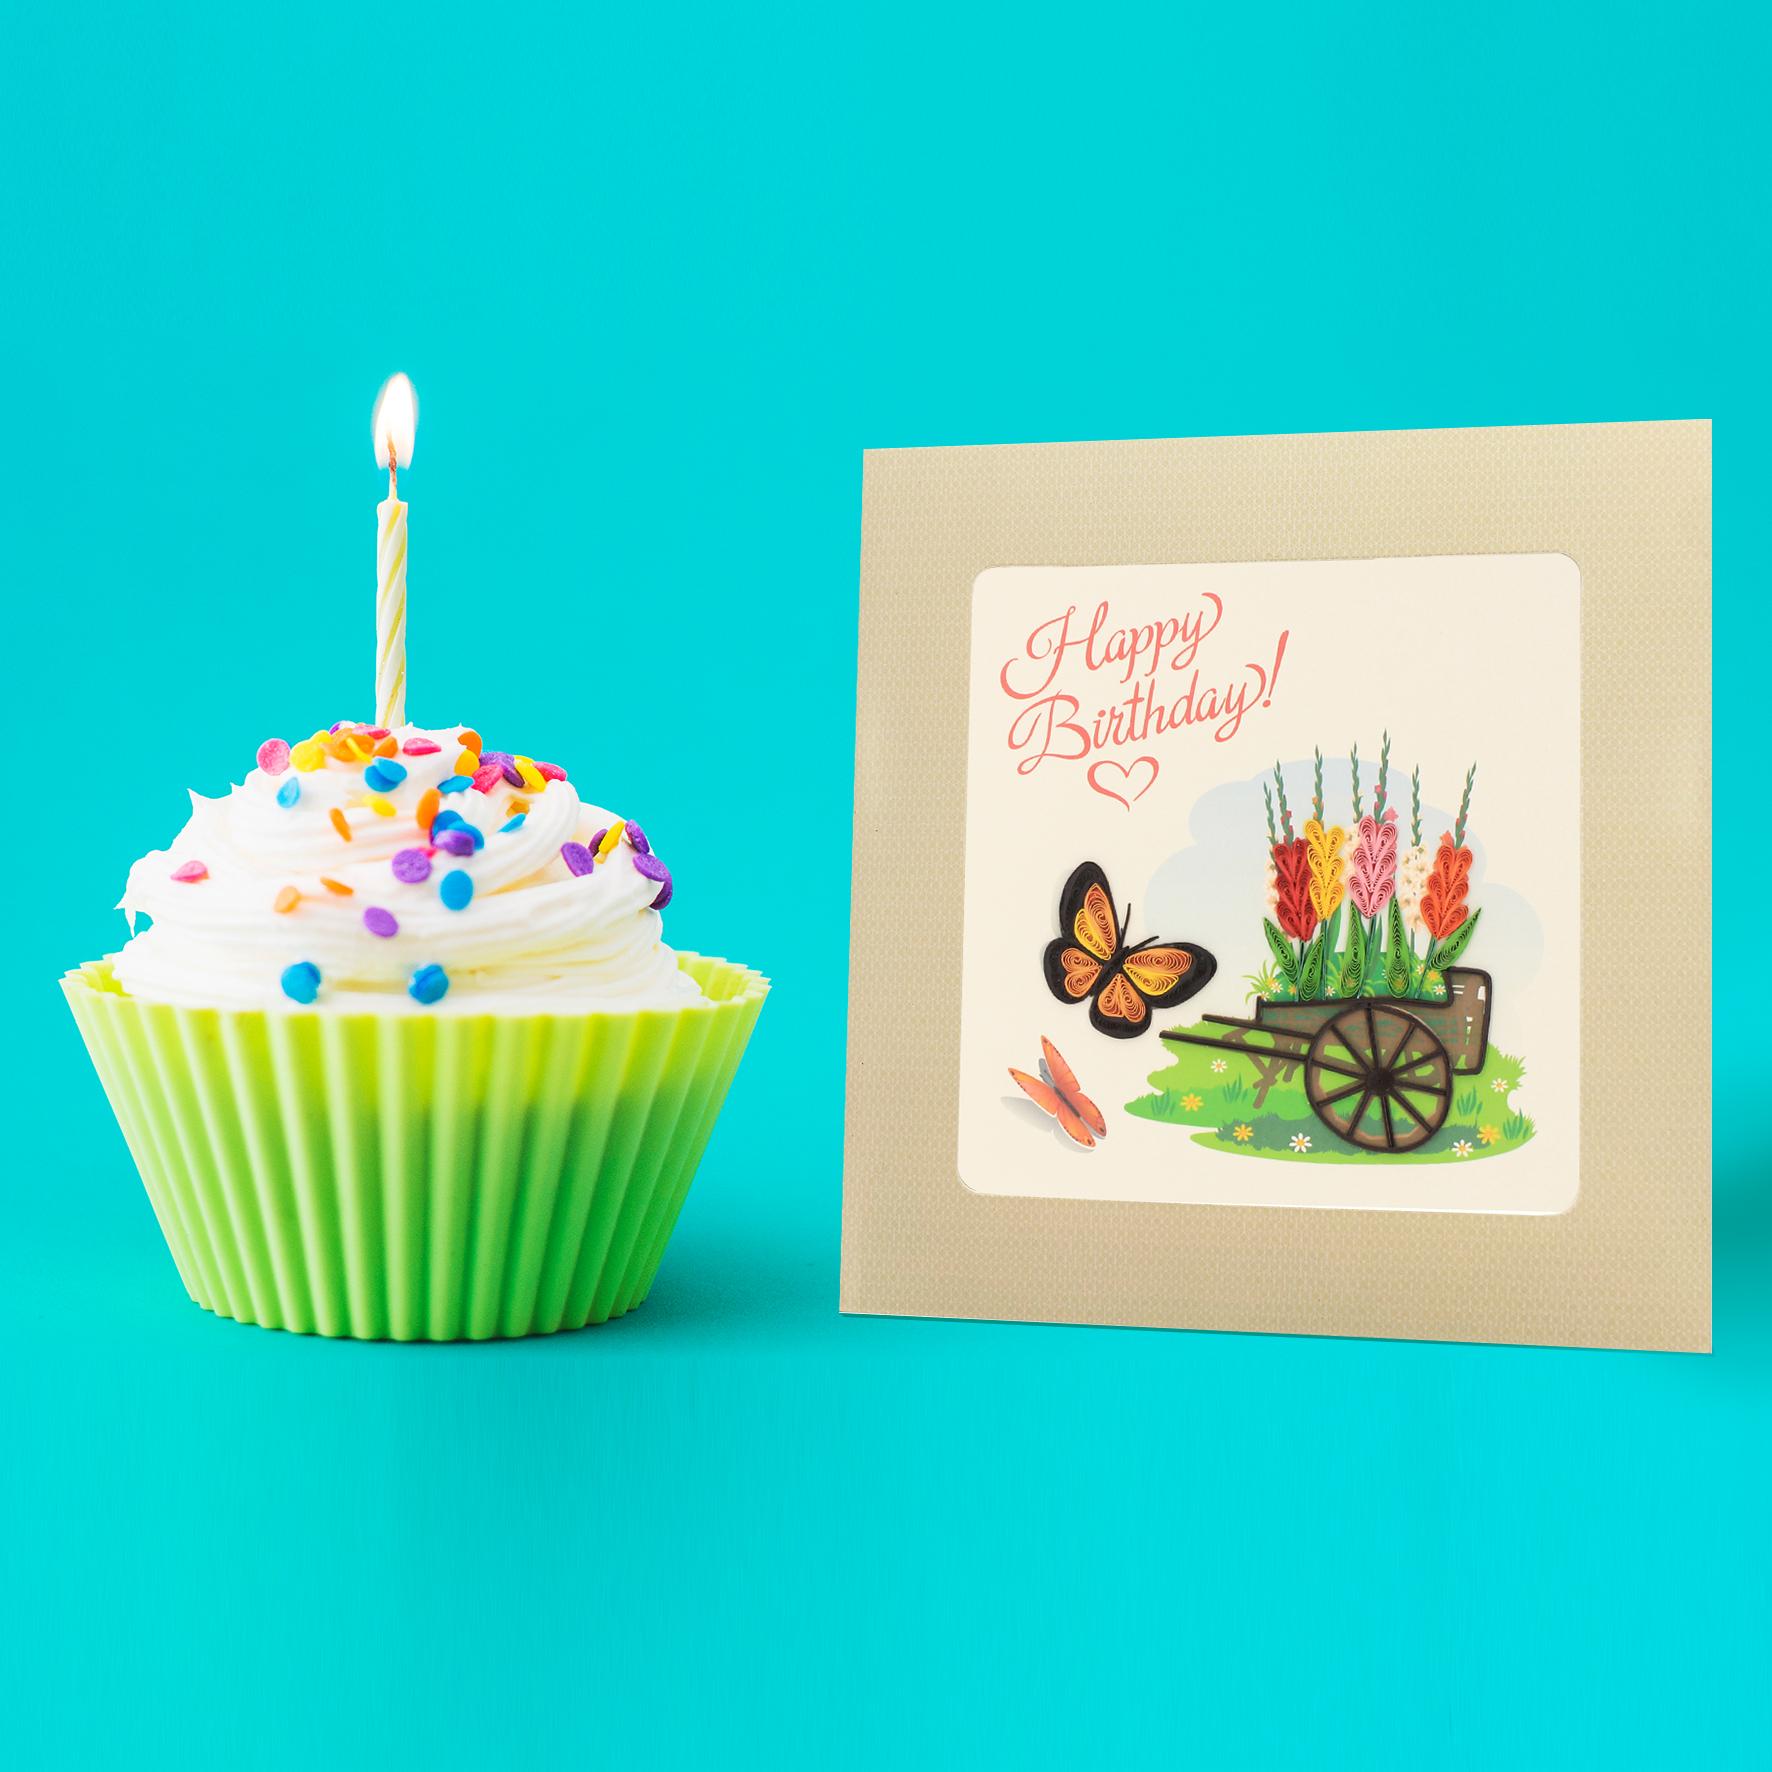 Thiệp Chúc Giấy Xoắn Thủ Công (Quilling Card) Chúc Mừng Sinh Nhật Vườn Hoa Mùa Xuân - Tặng Kèm Khung Giấy Để Bàn